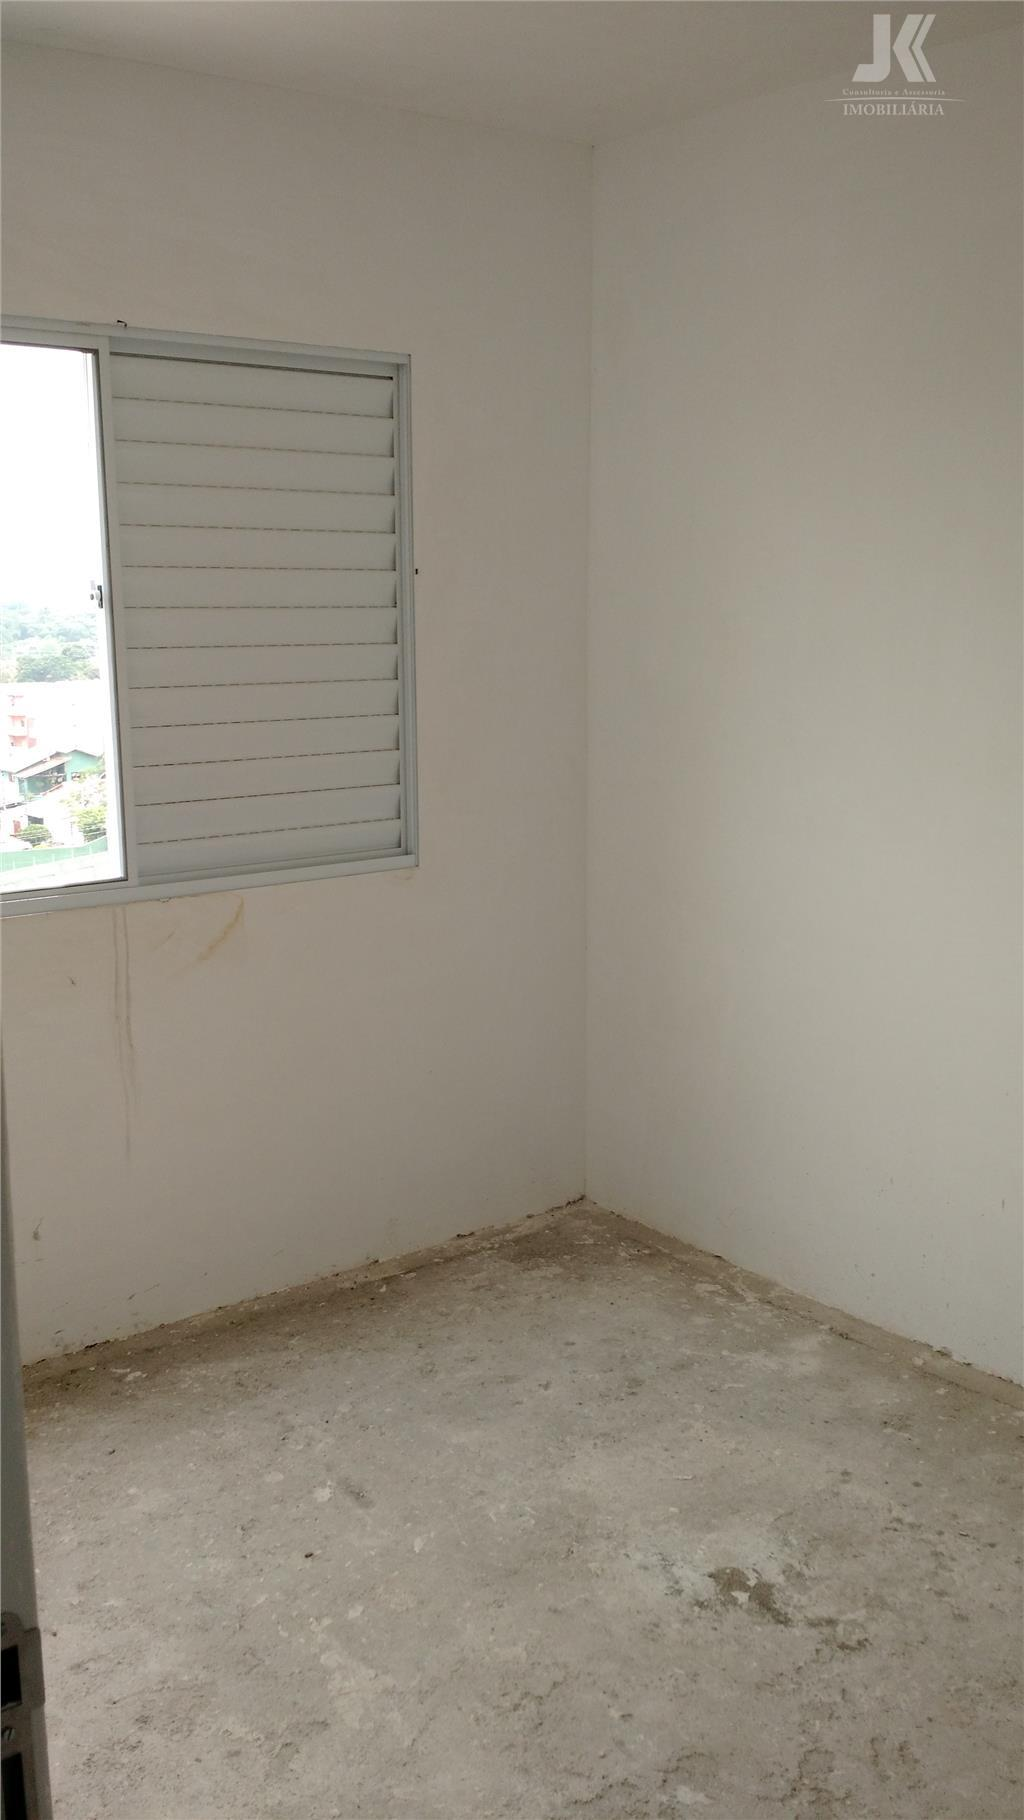 excelente apartamento com localização privilegiada, possui dois dormitorios, sala, cozinha, sacada, banheiro e garagem, aceita financiamento,...